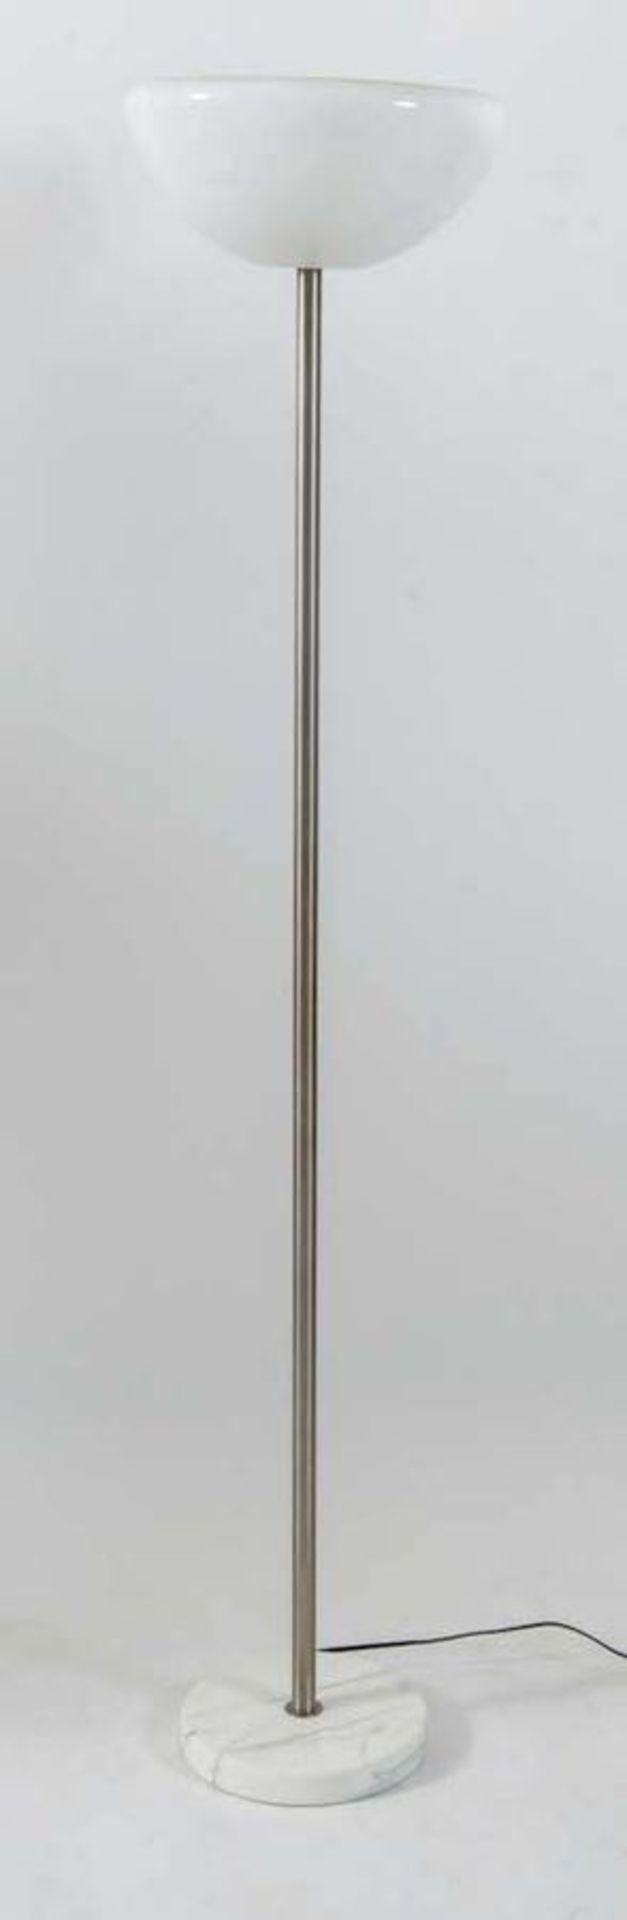 ACHILLE & PIER GIACOMO CASTIGLIONI Lampada da terra in metallo cromato, con base in marmo e paralume